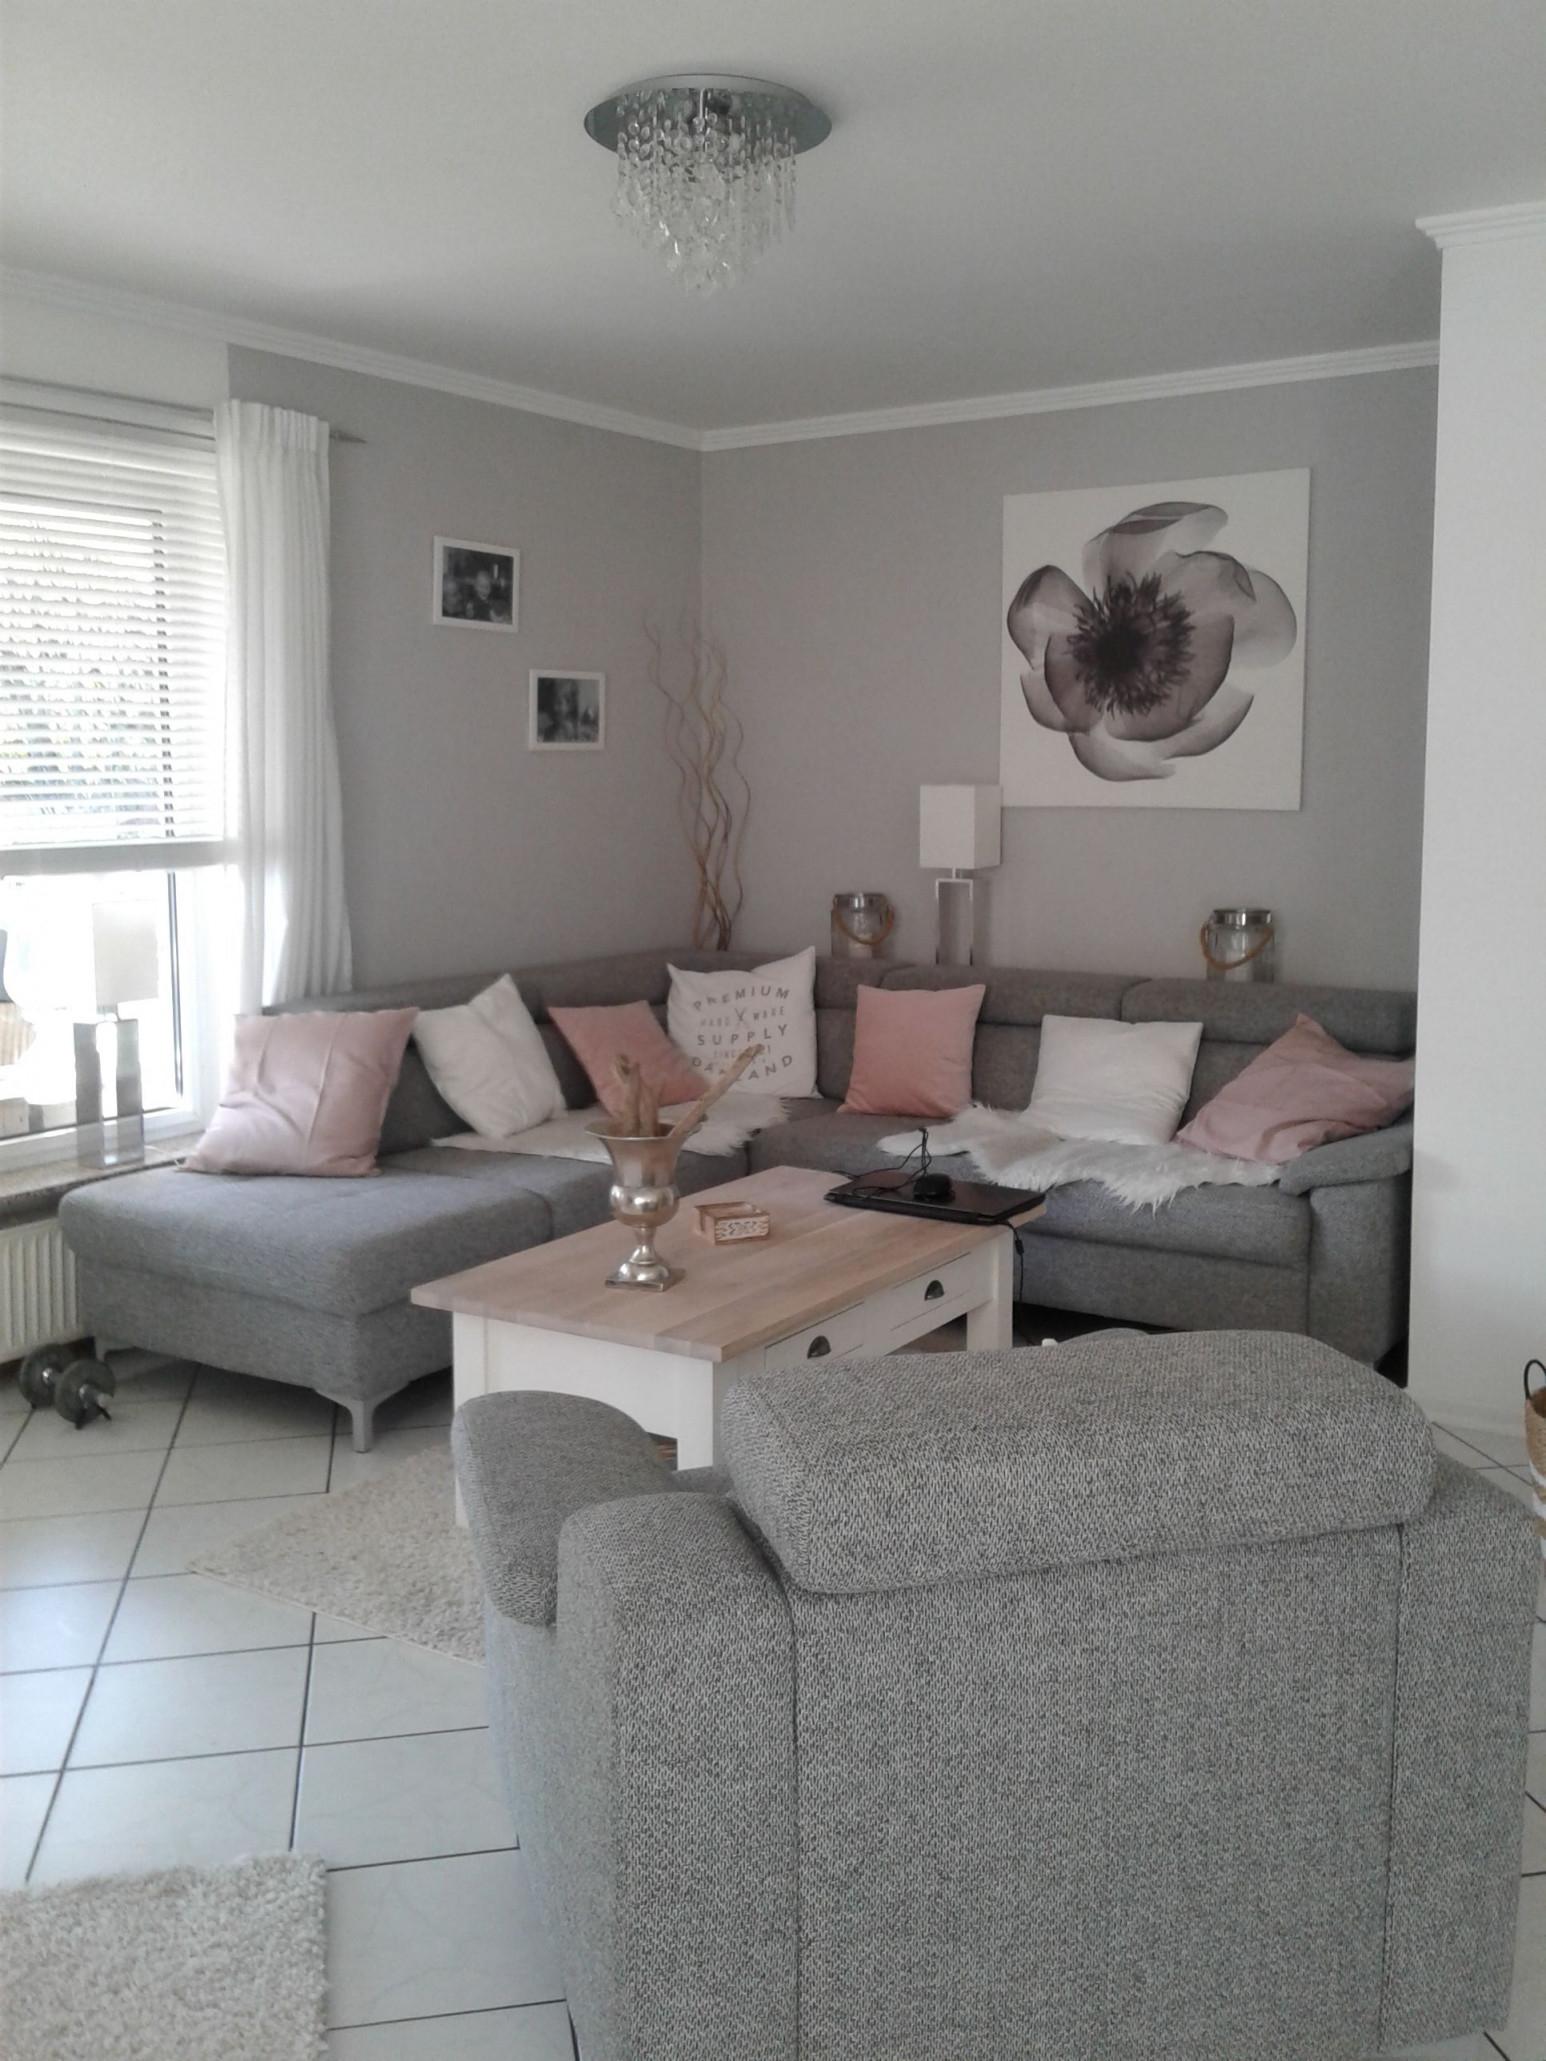 Wohnzimmer In Grau Weiß Und Farbtupfer In Matt Rosa von Wohnzimmer Grau Ideen Photo